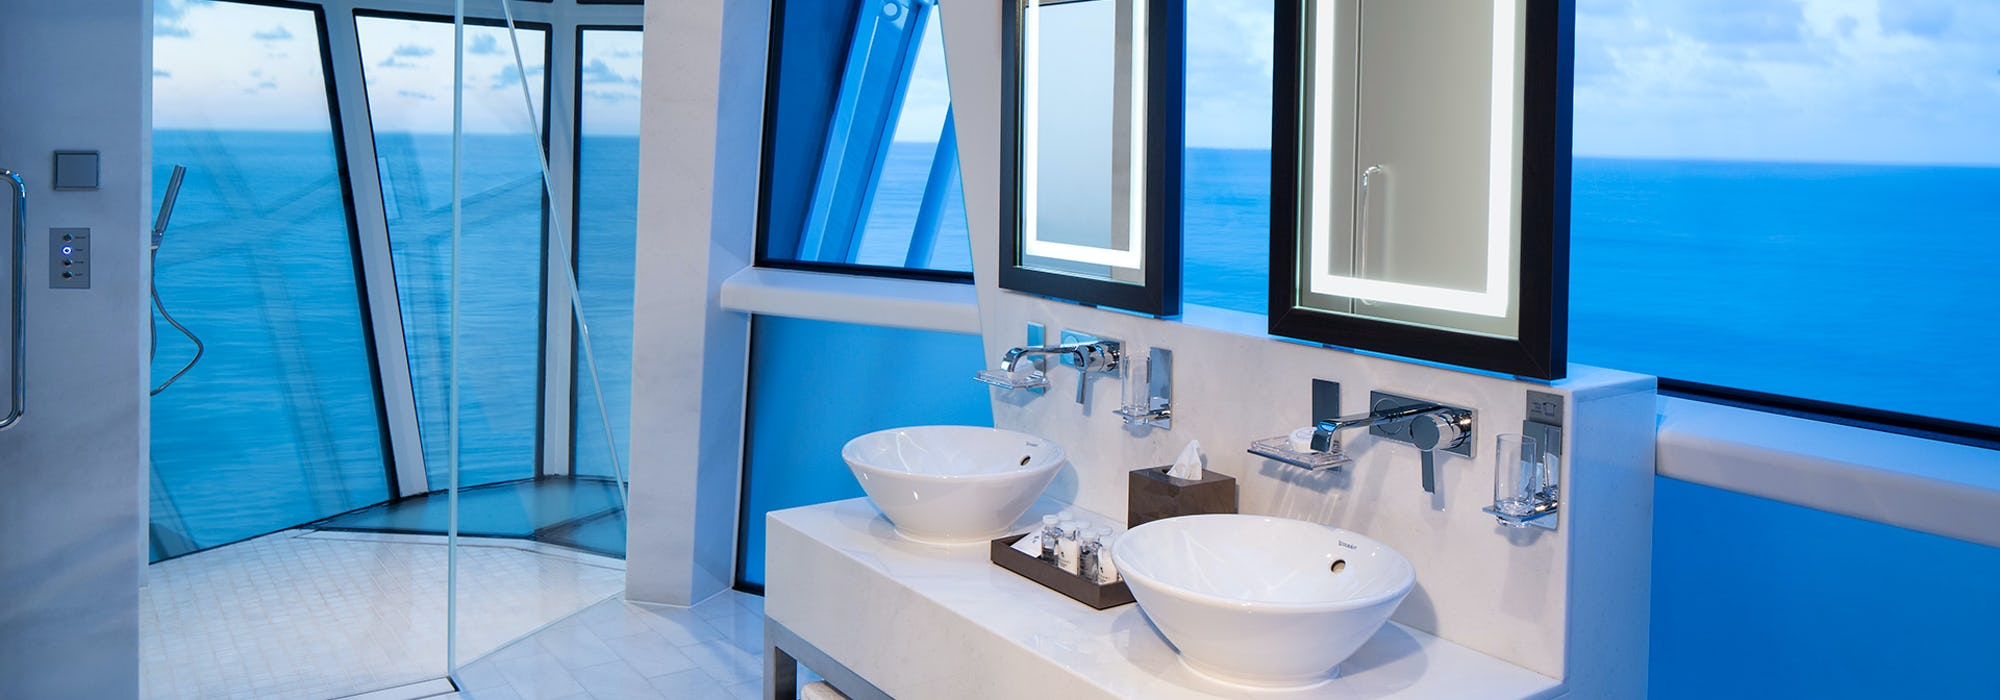 Bild på badrummet på en av hytterna på Celebrity Reflection.